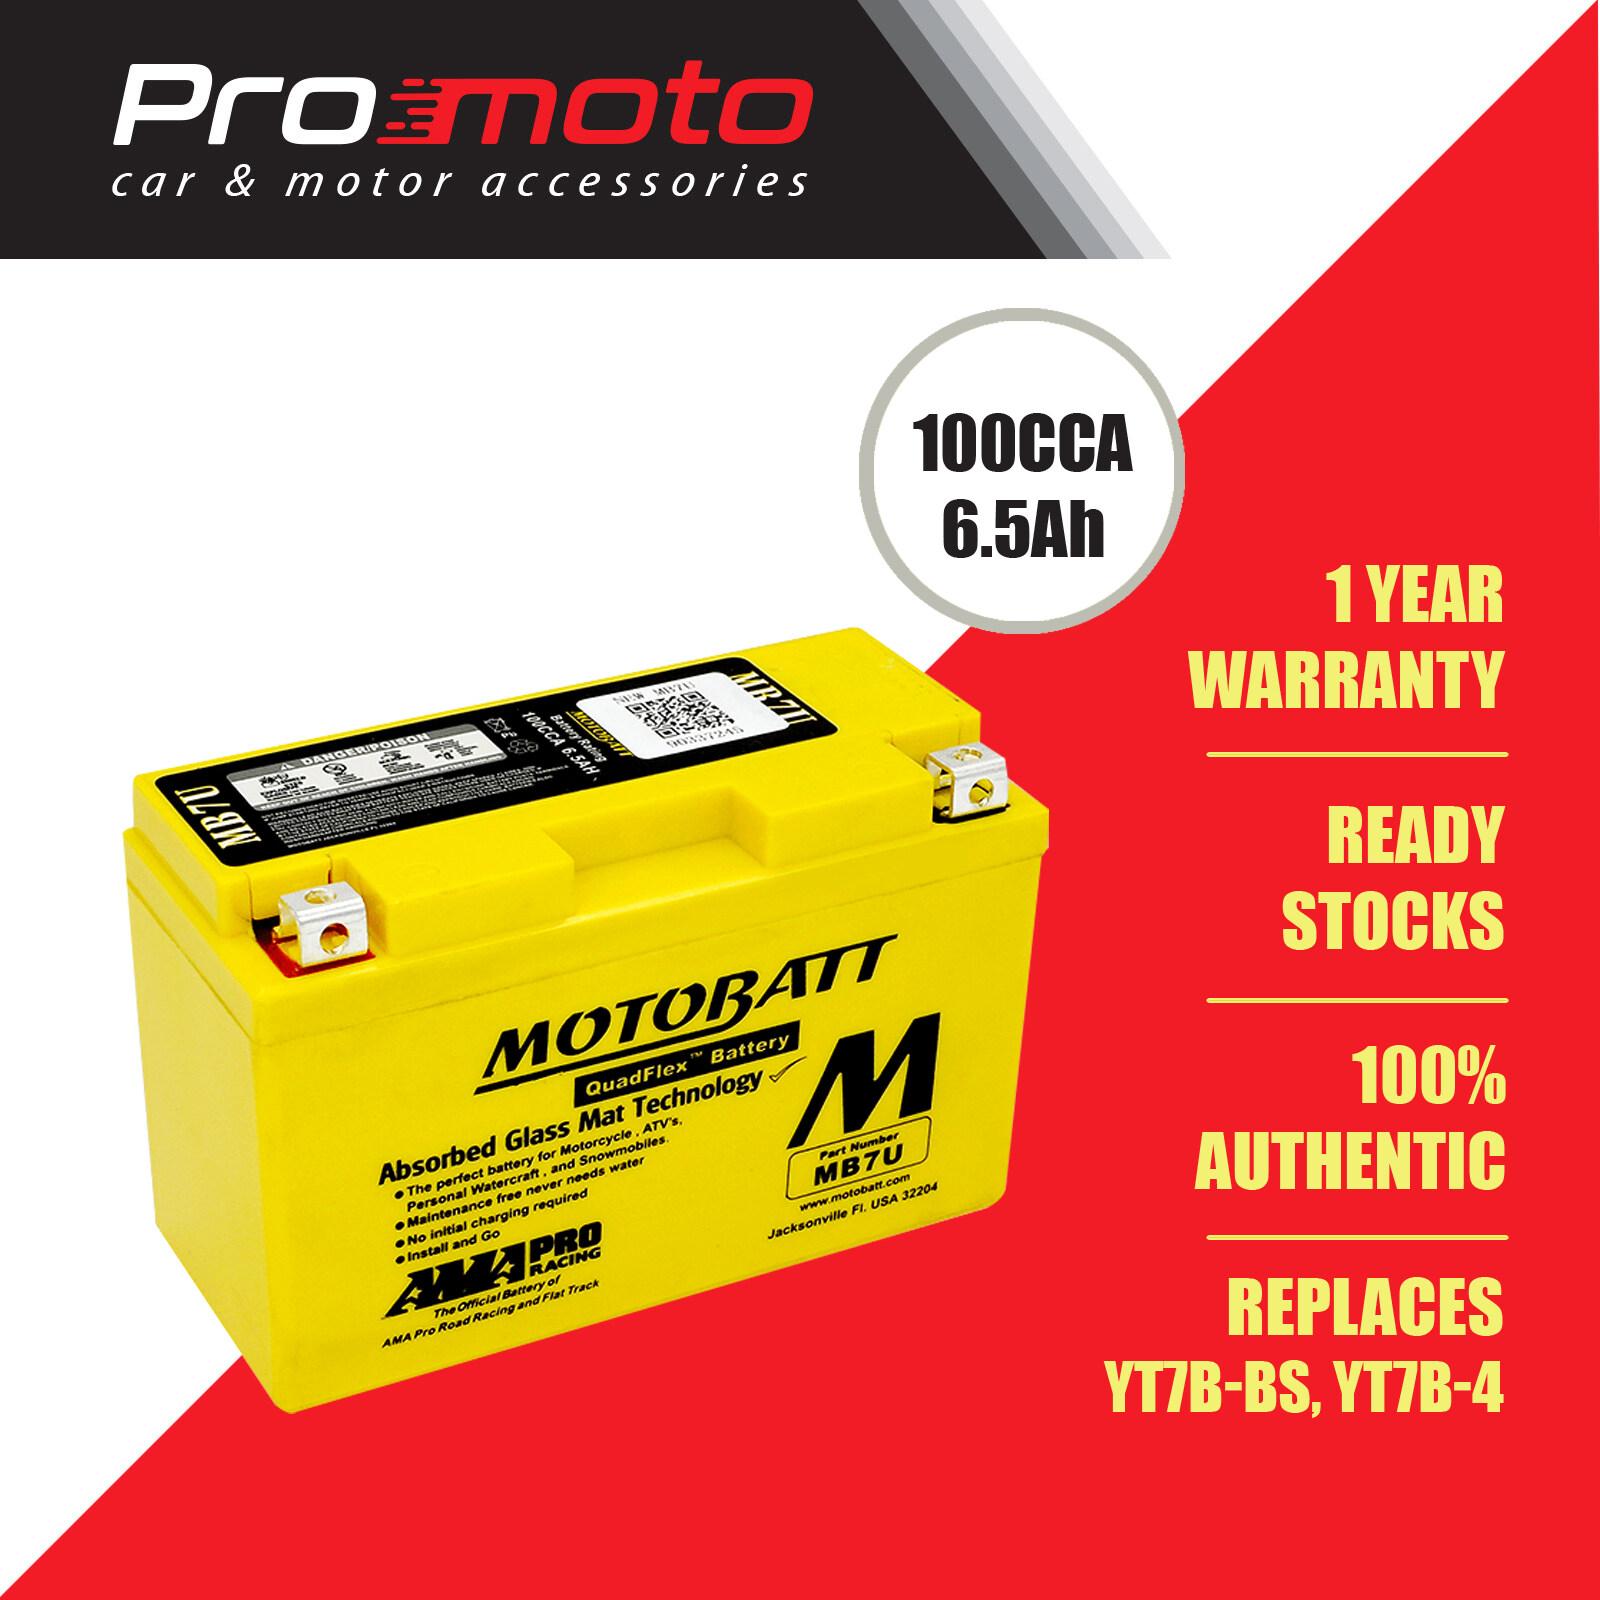 Motobatt Quadflex Battery MB7U (FOR KAWASAKI, YAMAHA & etc) (Replaces YT7B-BS, YT7B-4)